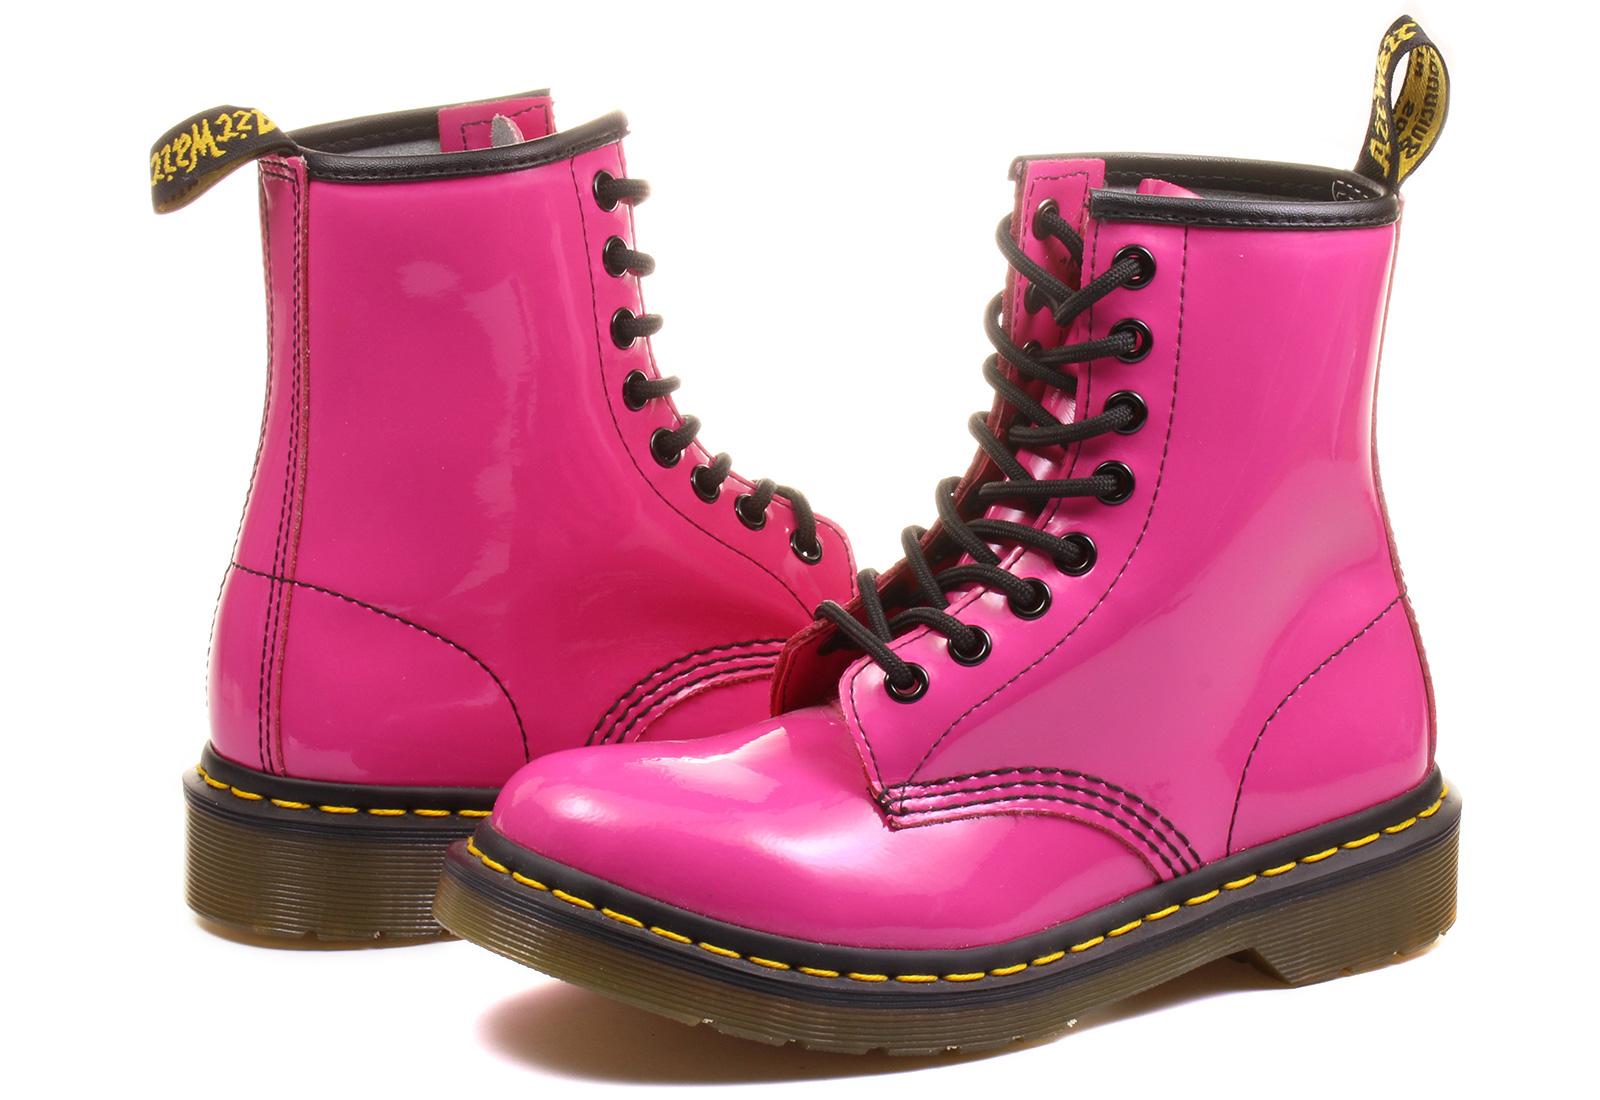 Dr Martens Bakancs - 8 Eye Boot - 11821670 - Office Shoes Magyarország f15489ba4b